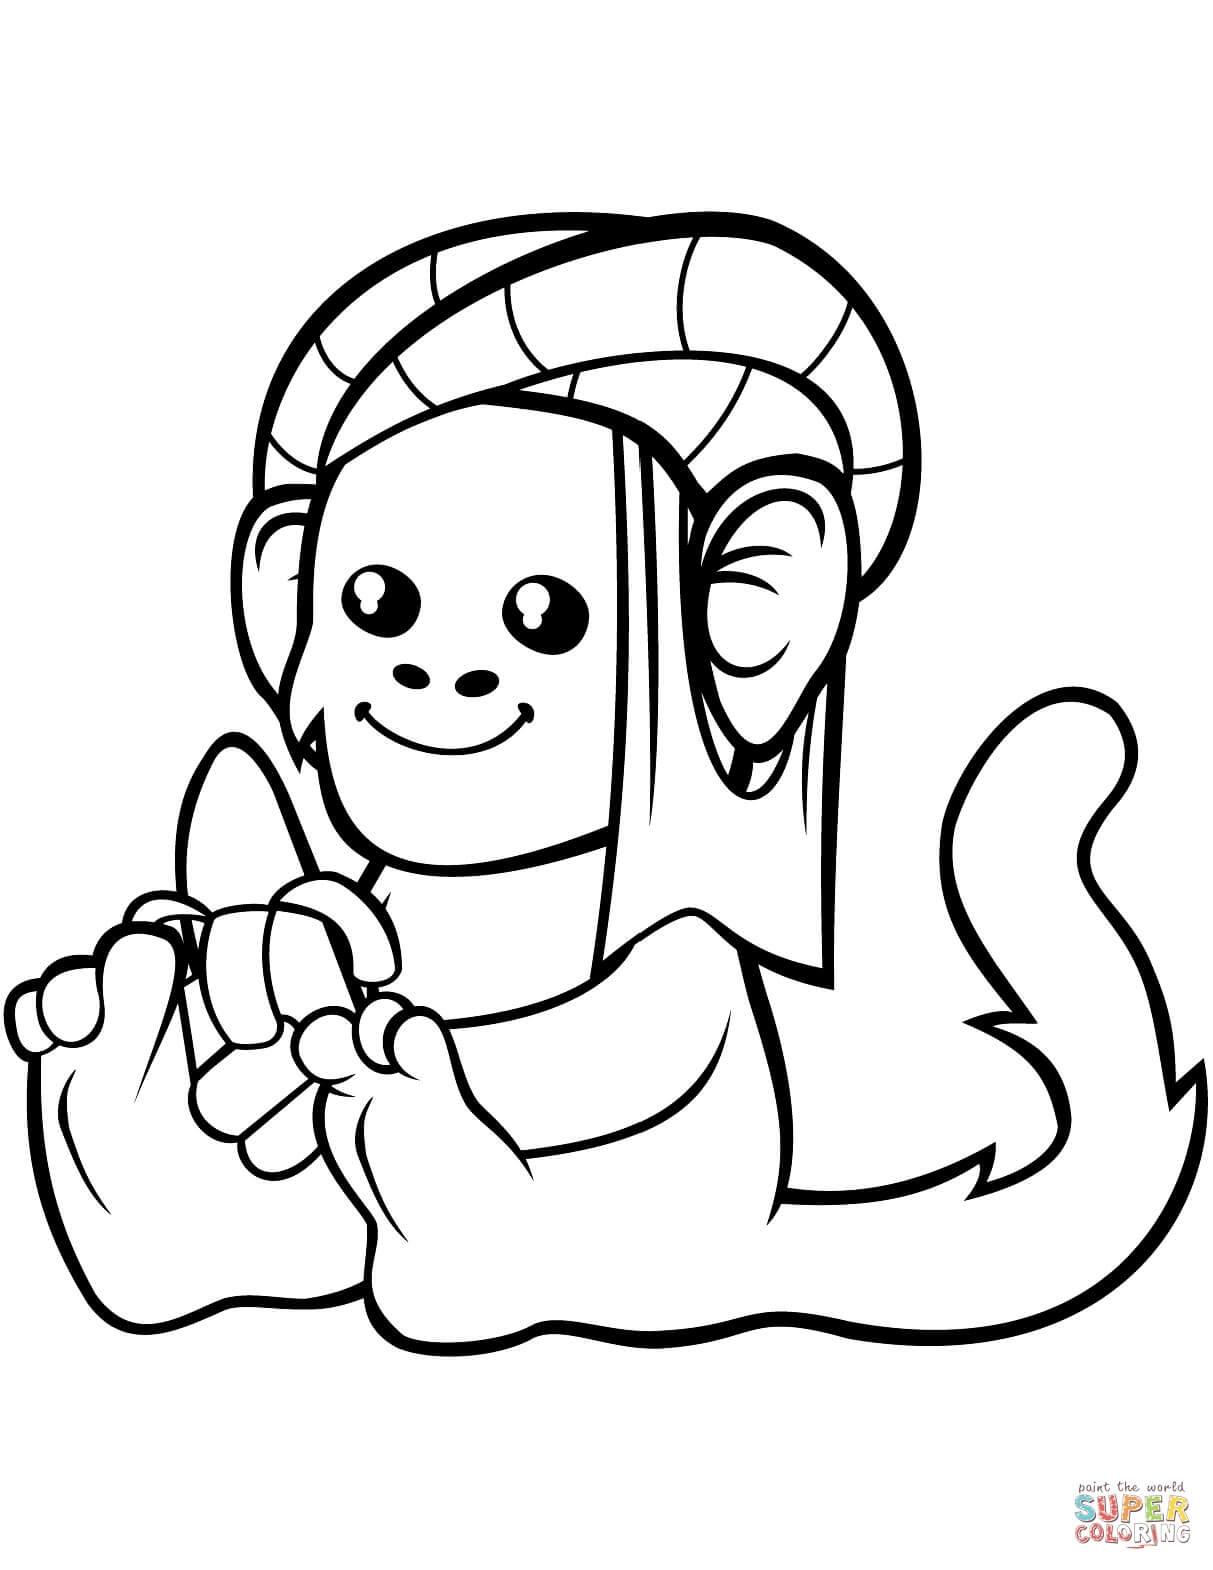 קוף עם בננה לצביעה